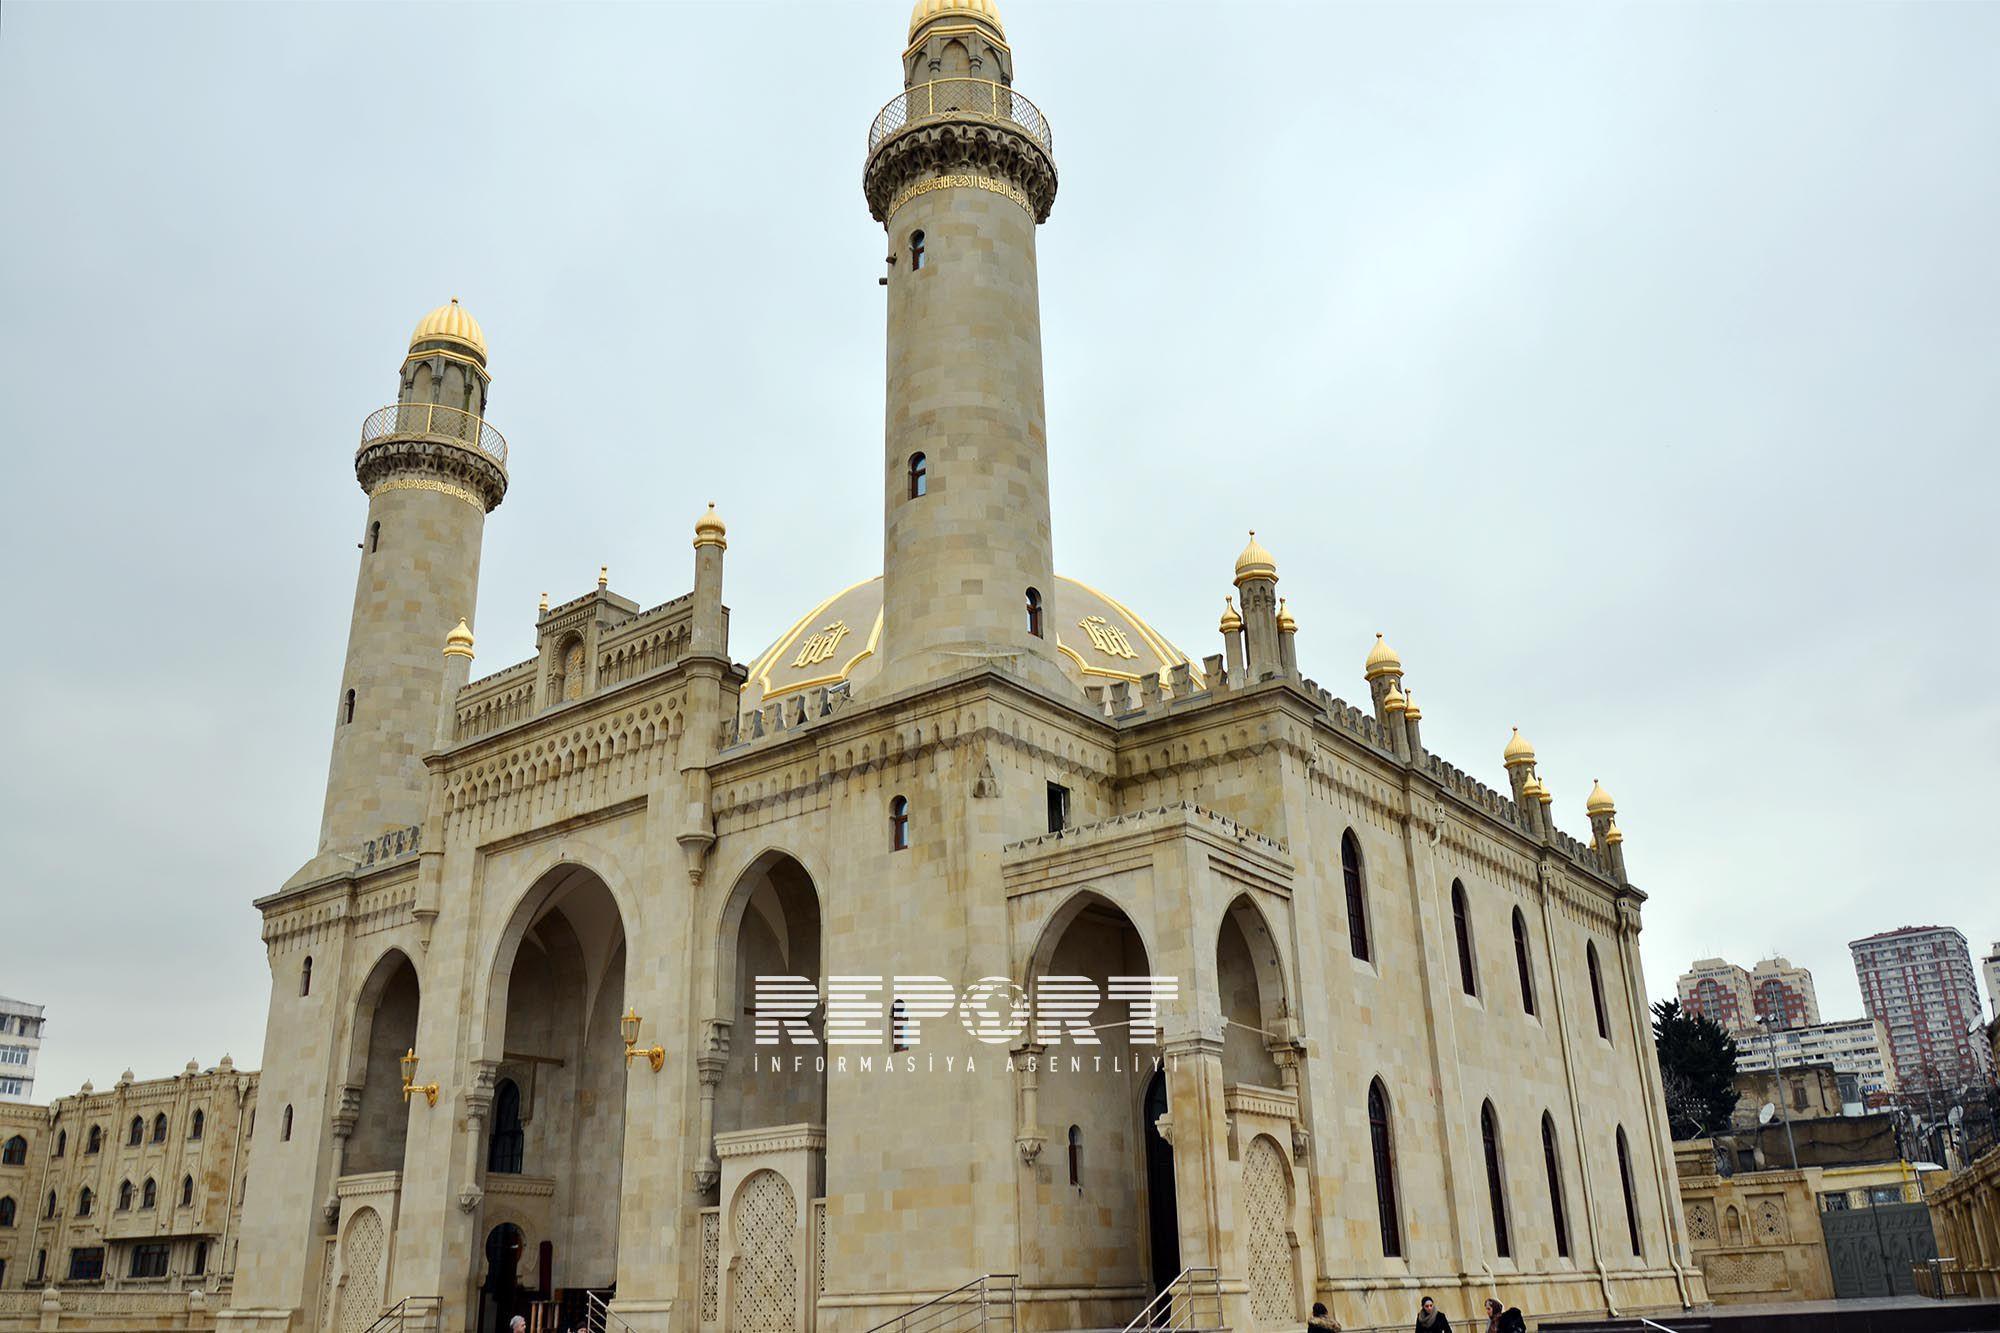 УМК: Паломничество в другие священные города из Азербайджана будет организовано после Хаджа